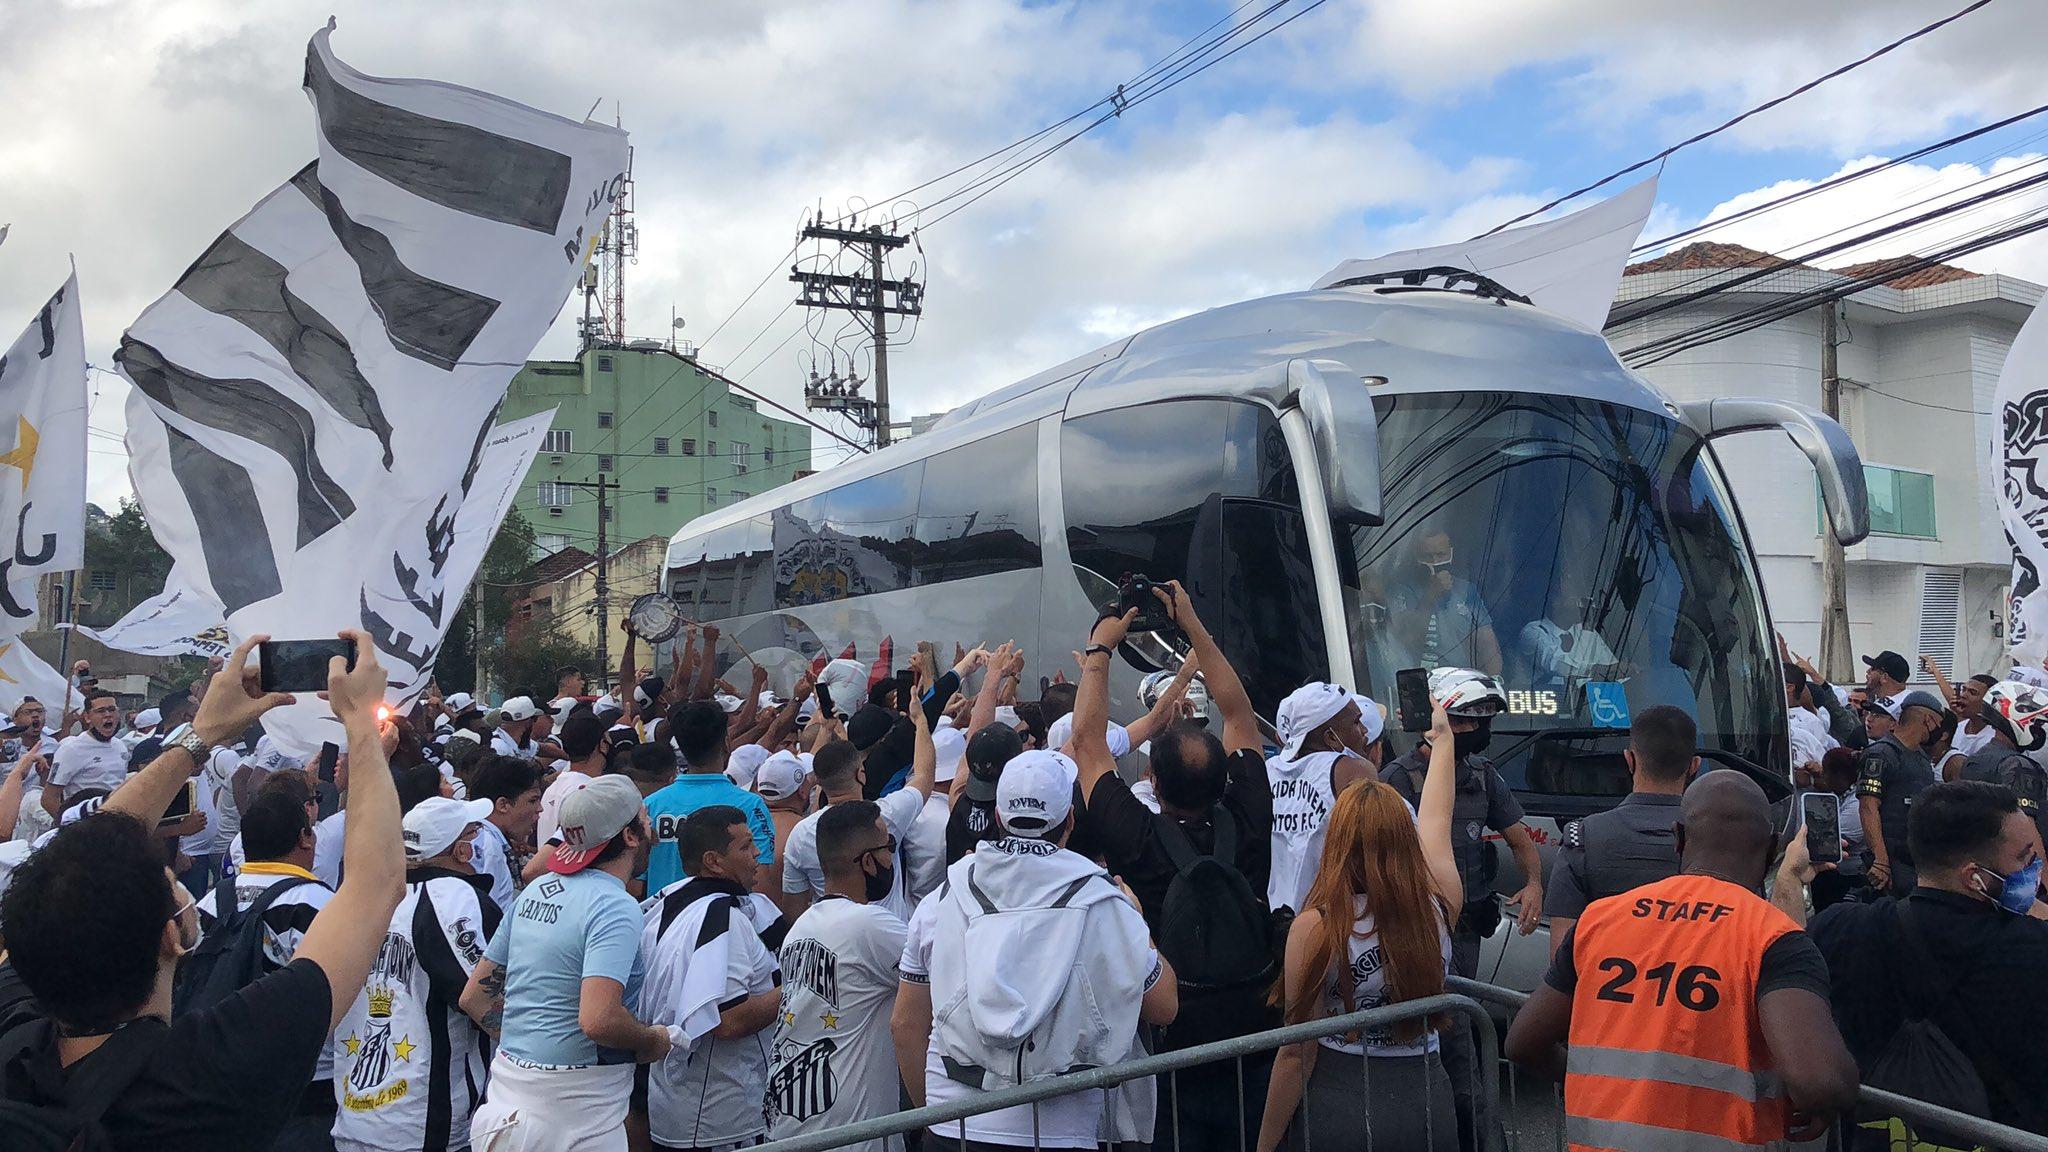 Vídeo: Torcida aglomera na porta da Vila Belmiro para ver ônibus com a delegação do Santos